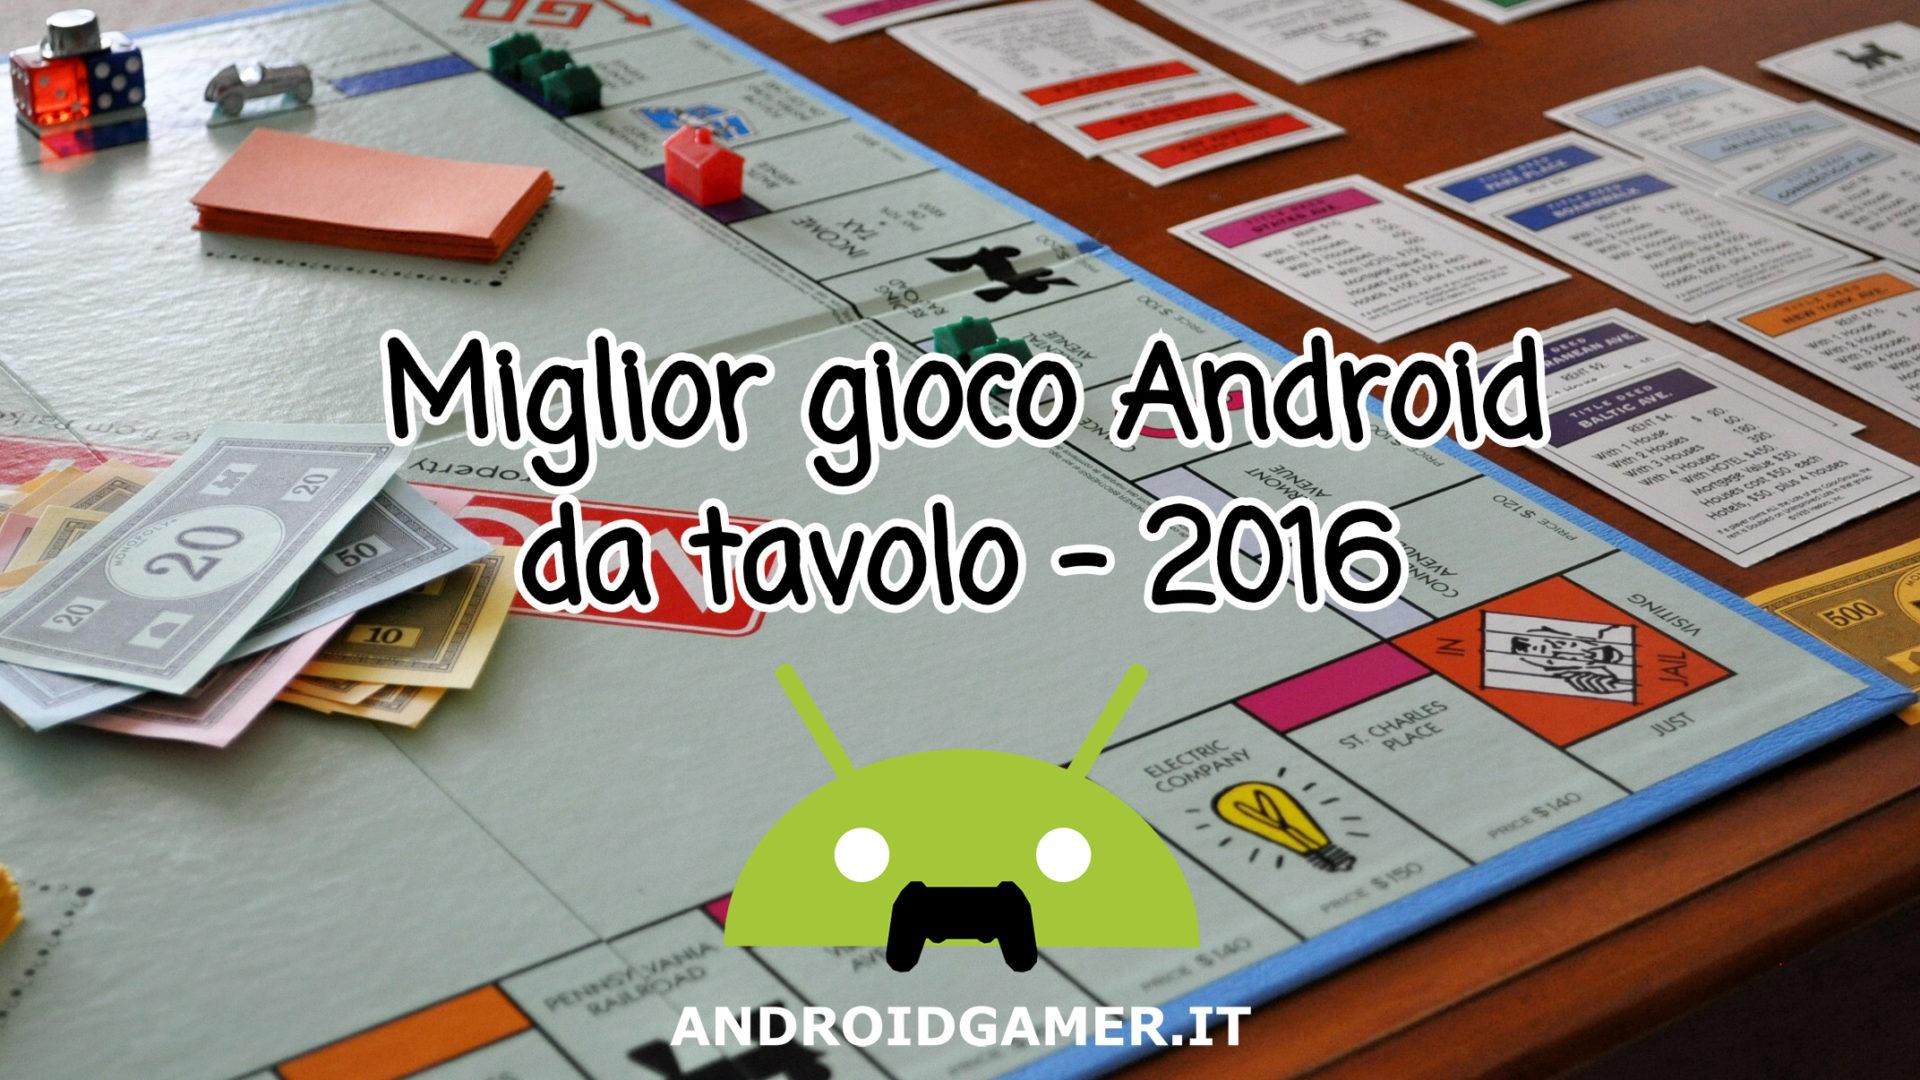 android da tavolo head l